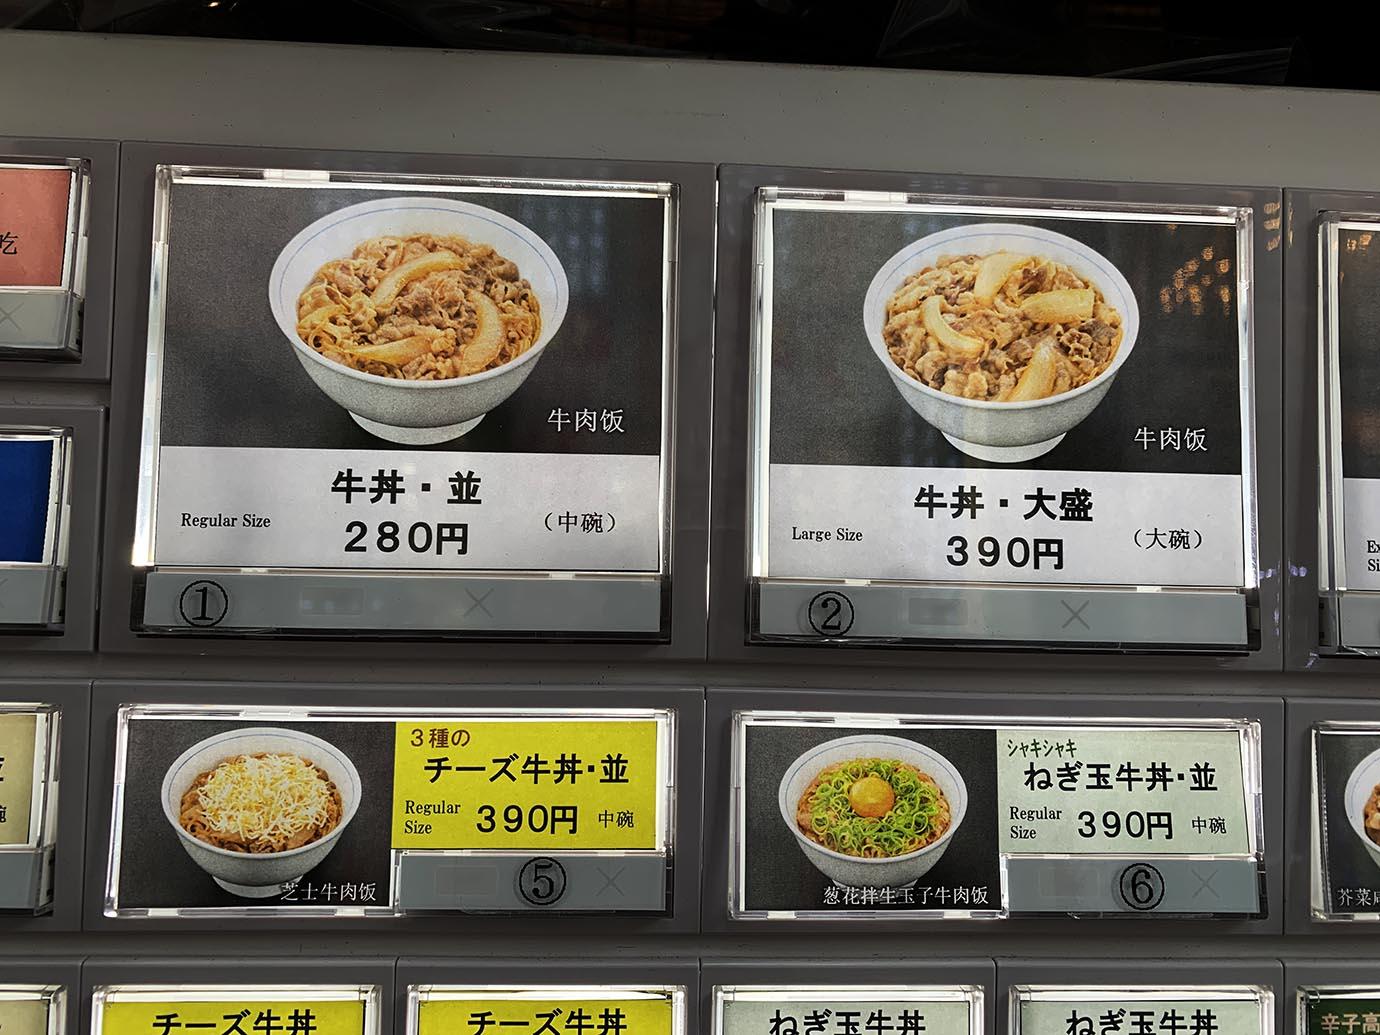 yoshinoya-ushiwakamaru-kitsune-gyudon6